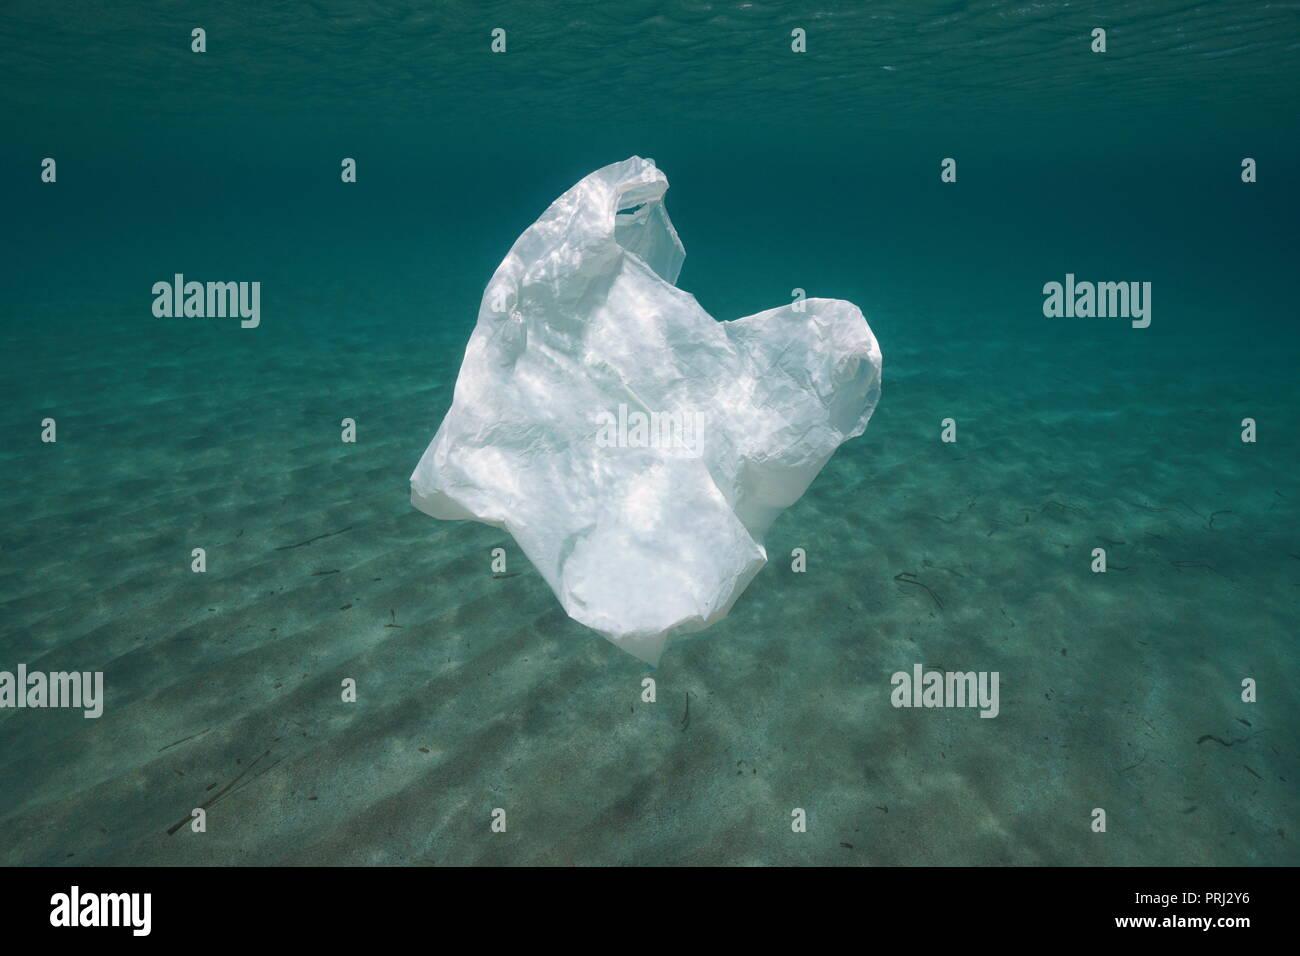 Contaminación plástica subacuática, una bolsa a la deriva en el océano Imagen De Stock